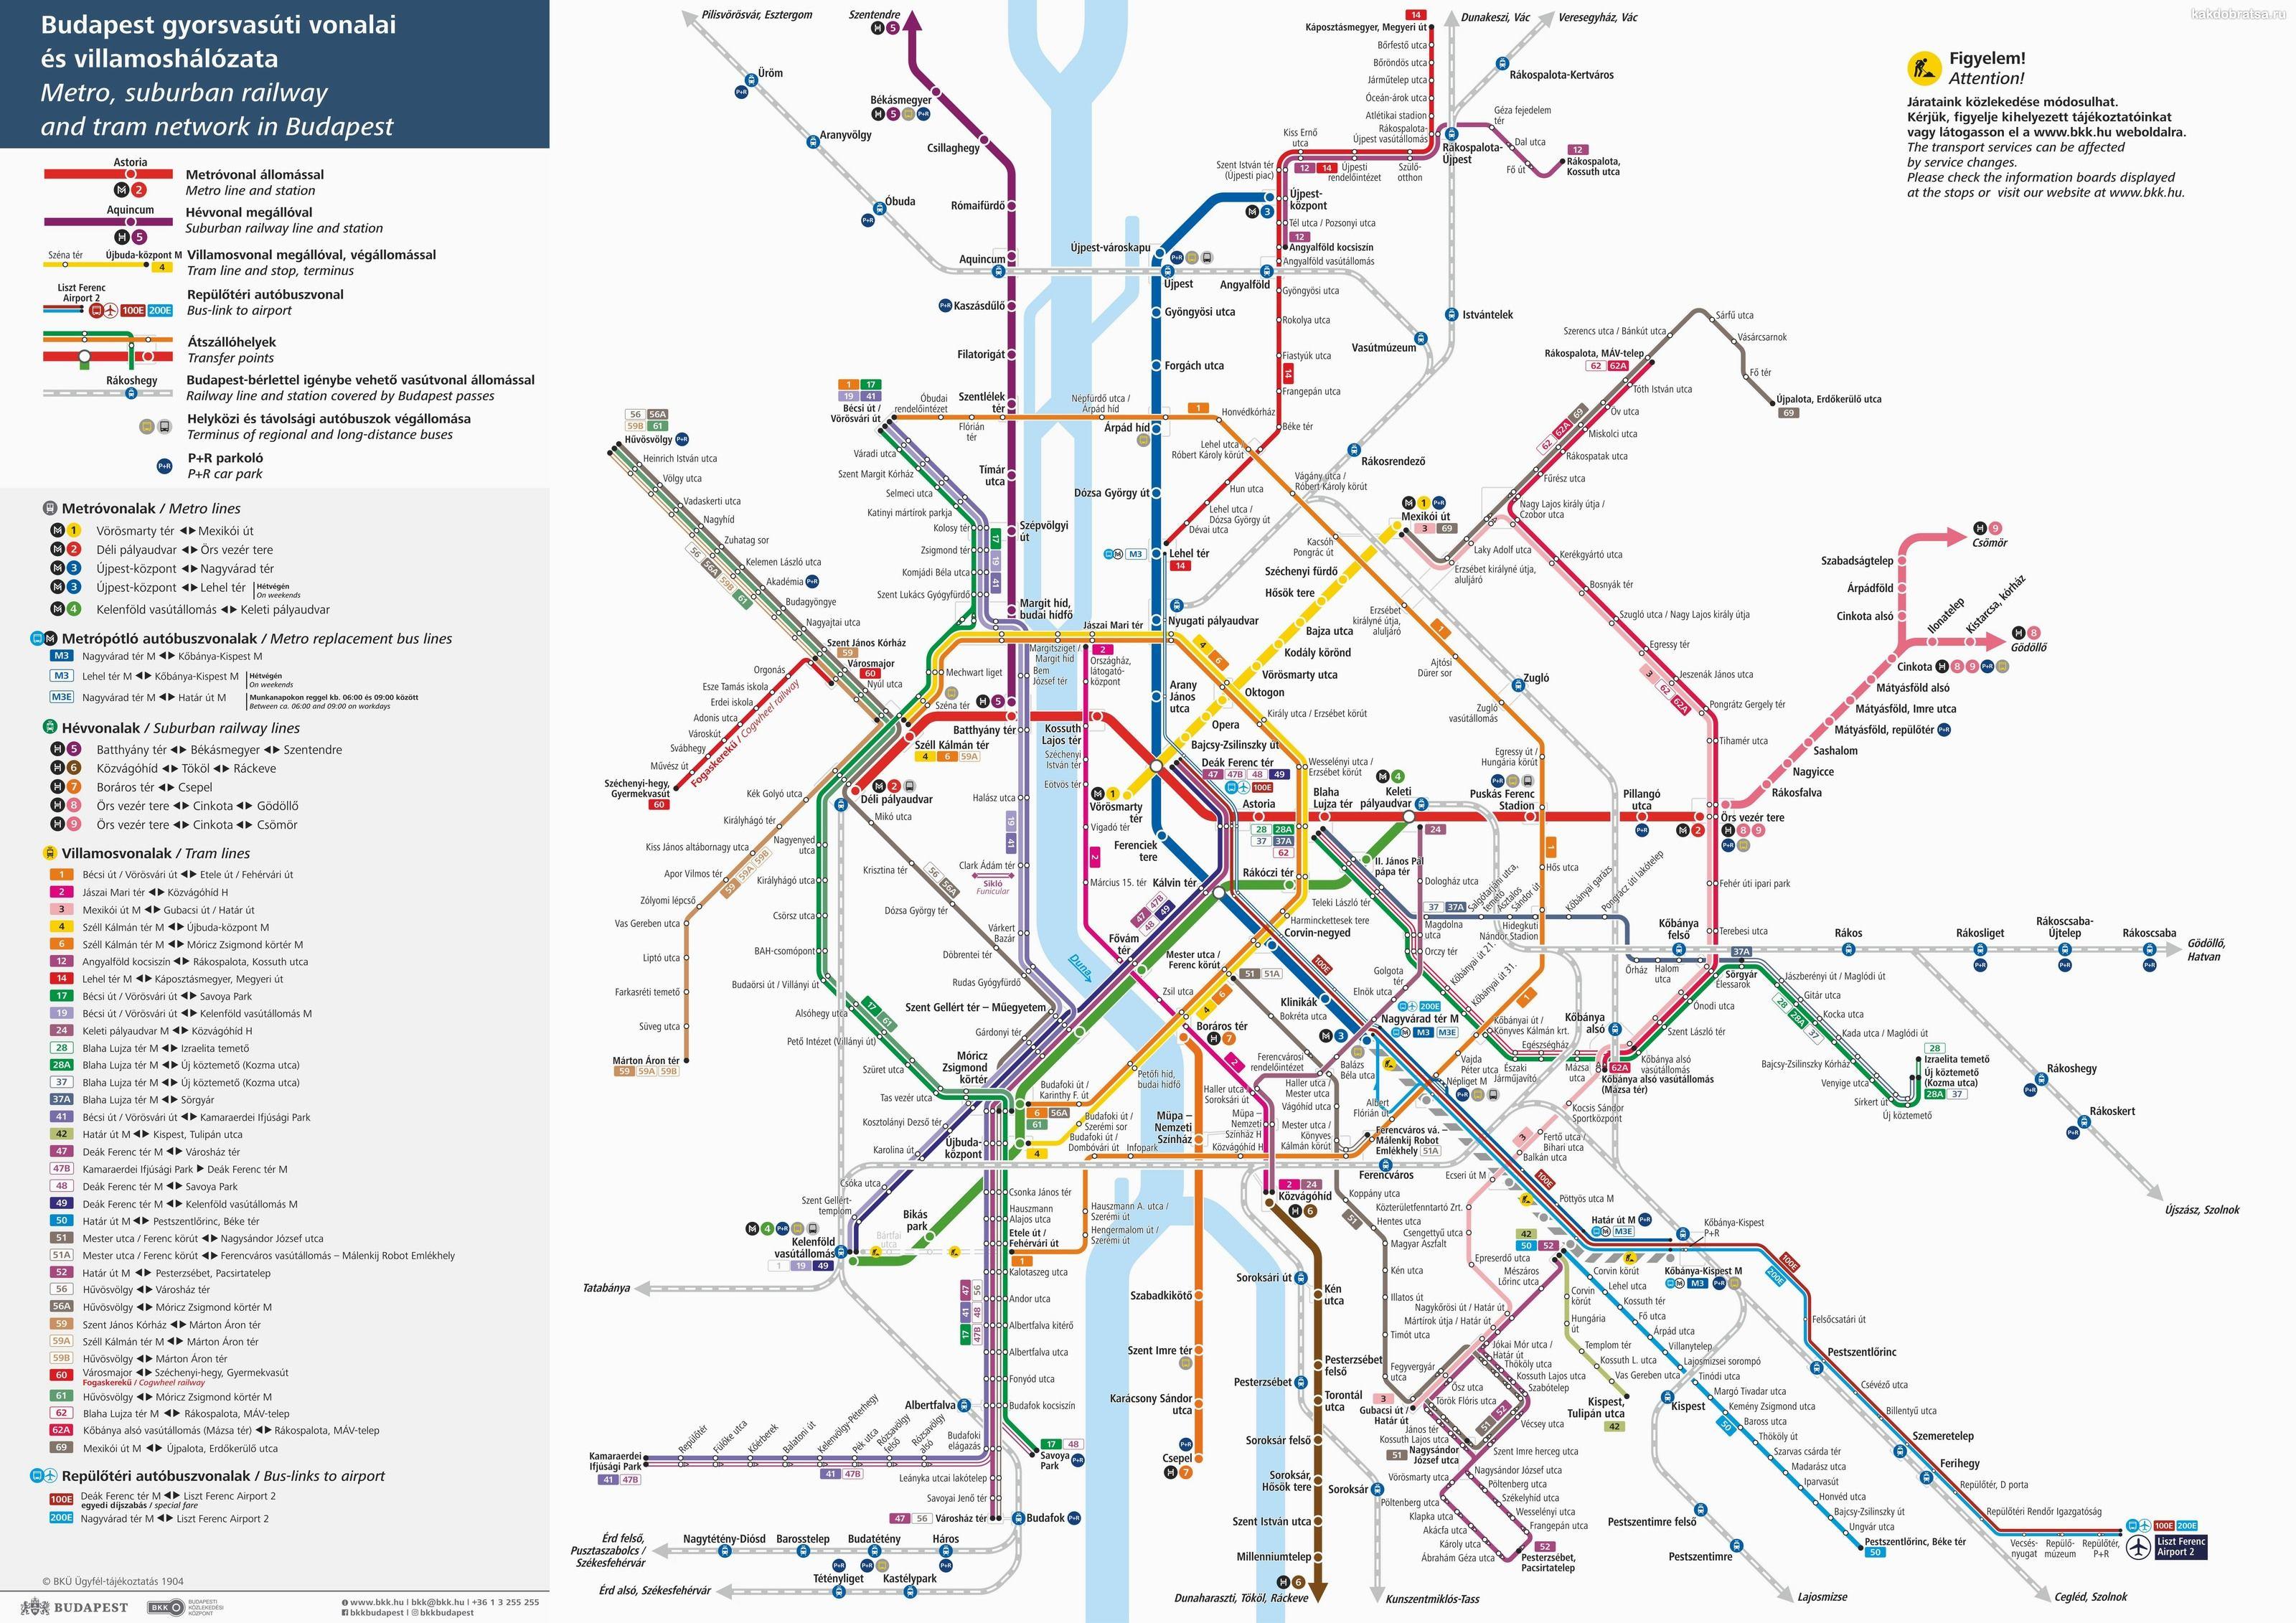 Карта метро, трамваев и электричек Будапешта